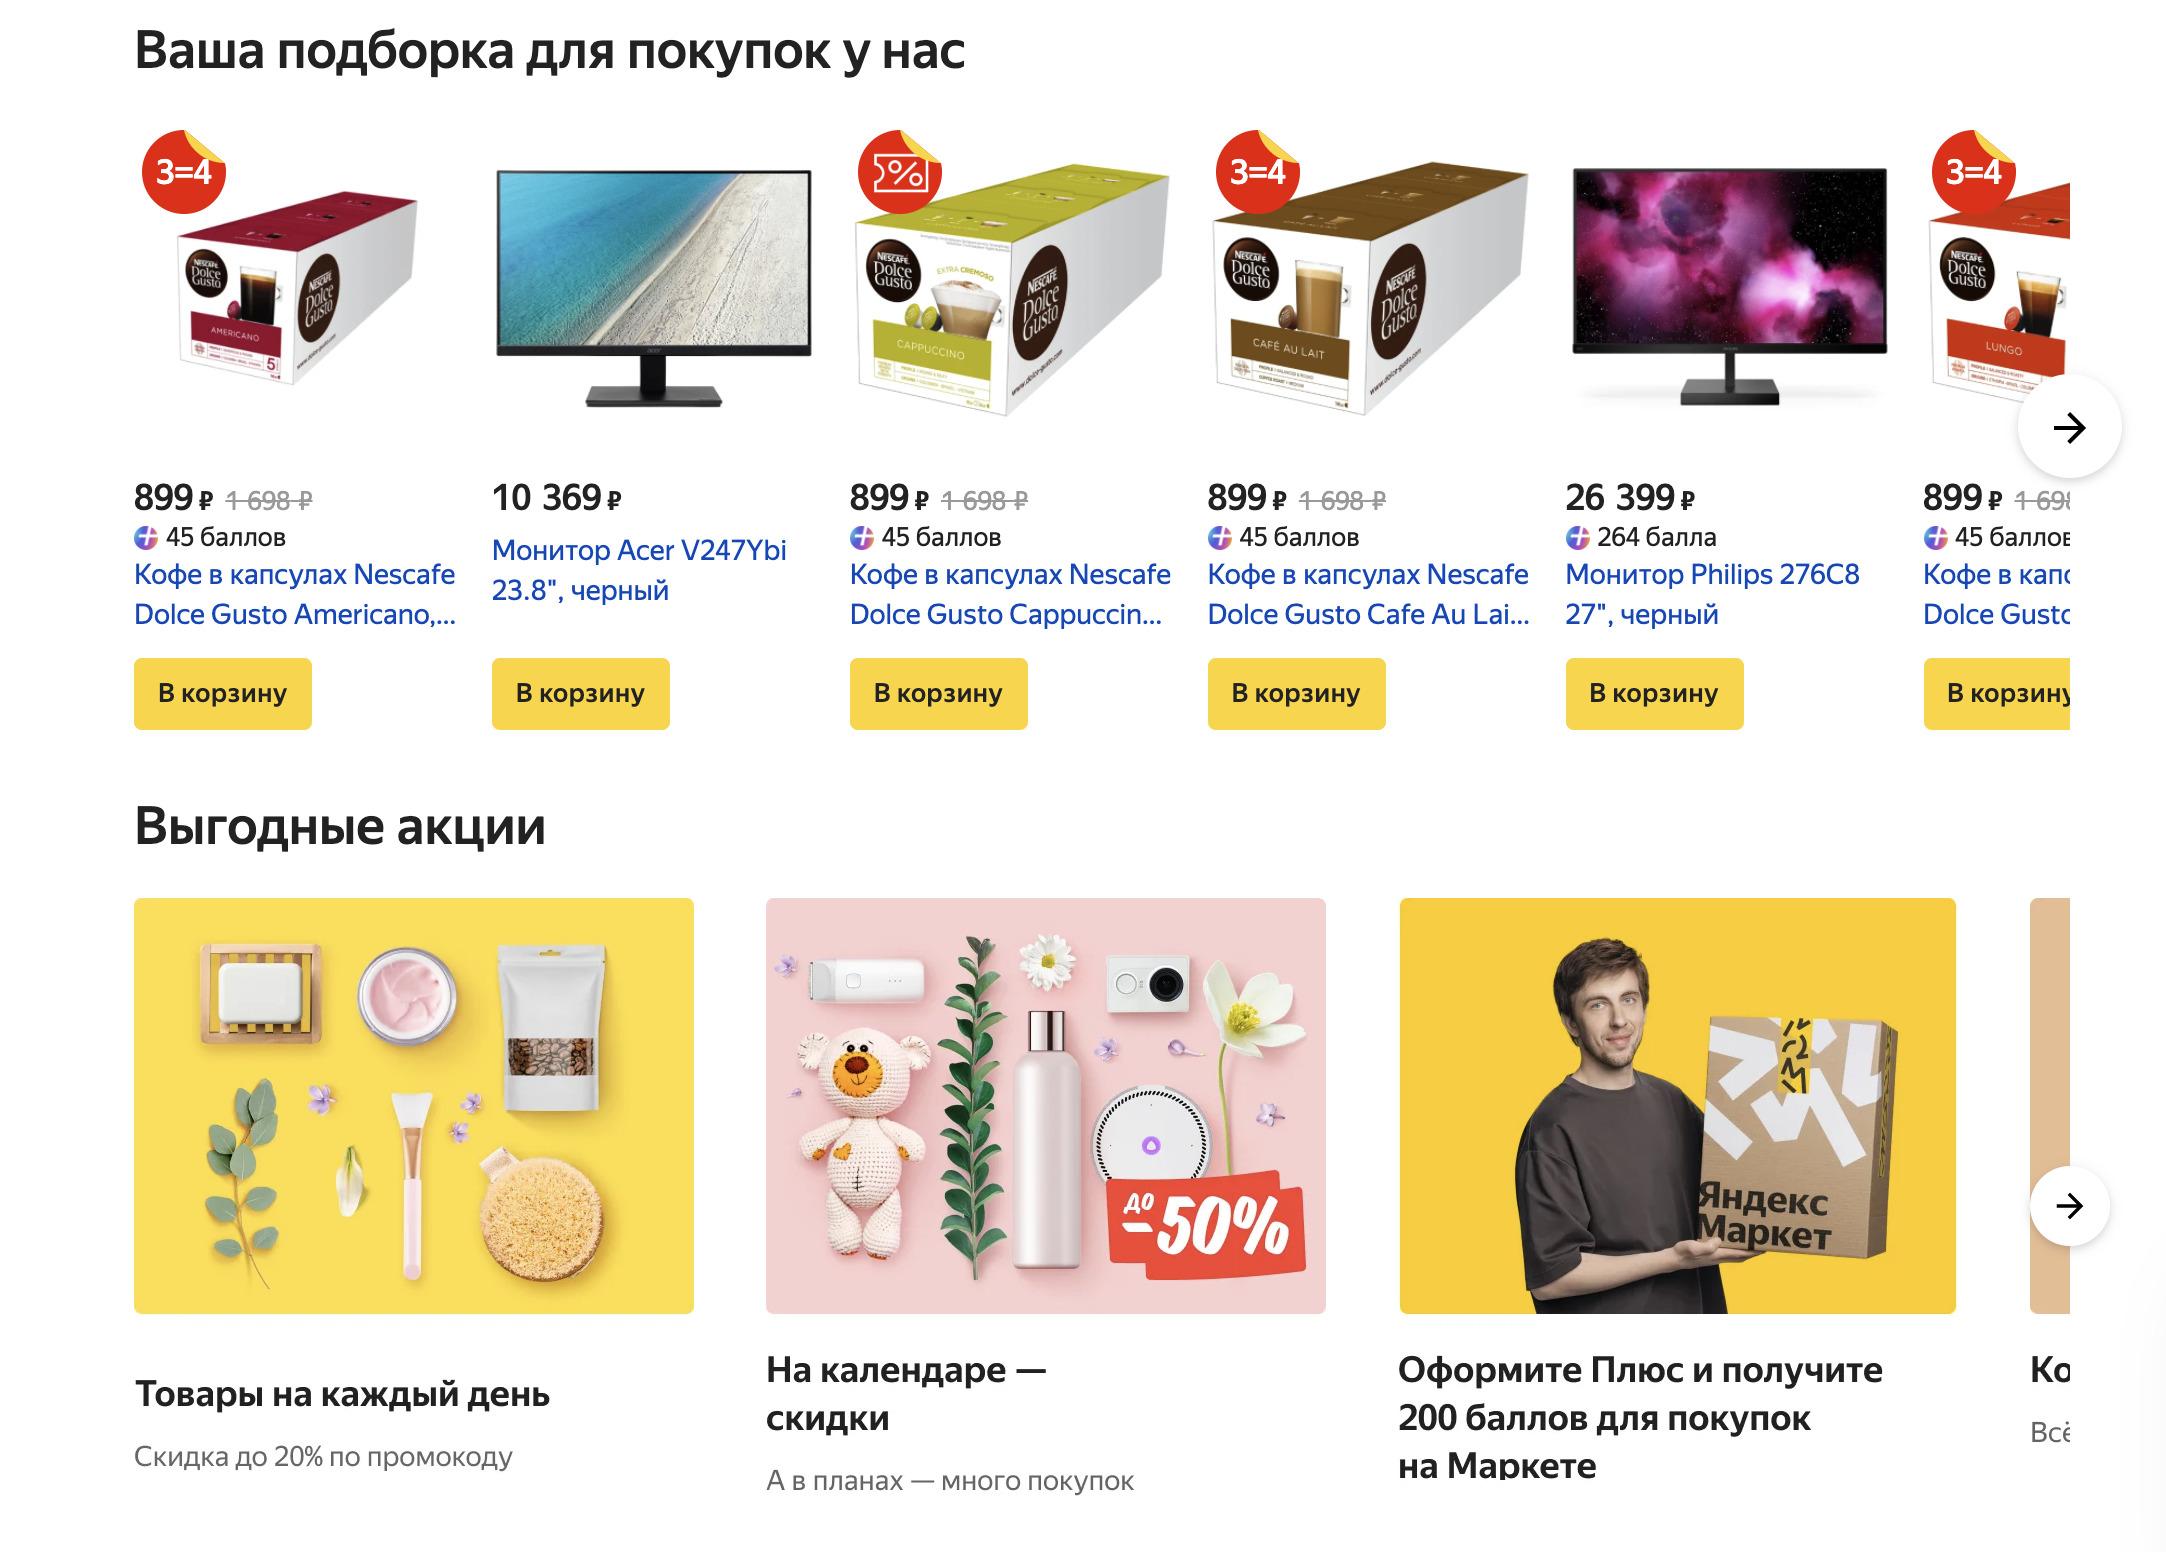 Доставка из Яндекс.Маркет в Кстово, сроки, пункты выдачи, каталог